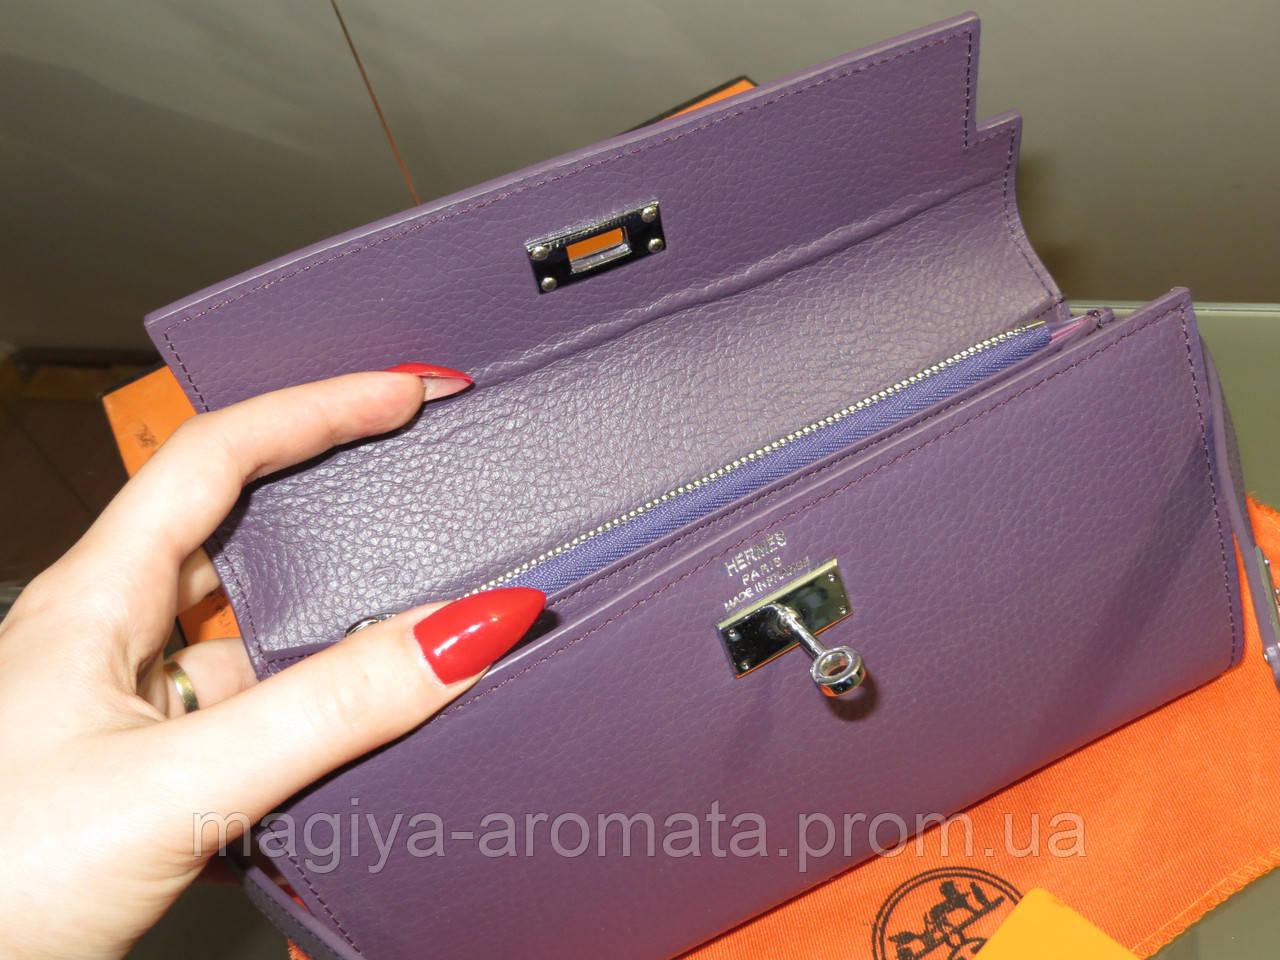 b5cfd78046a7 Женский кожаный кошелек Hermes Original quality цвет фиолетовый пудровый,  цена 5 500 грн., купить в Киеве — Prom.ua (ID#890345157)